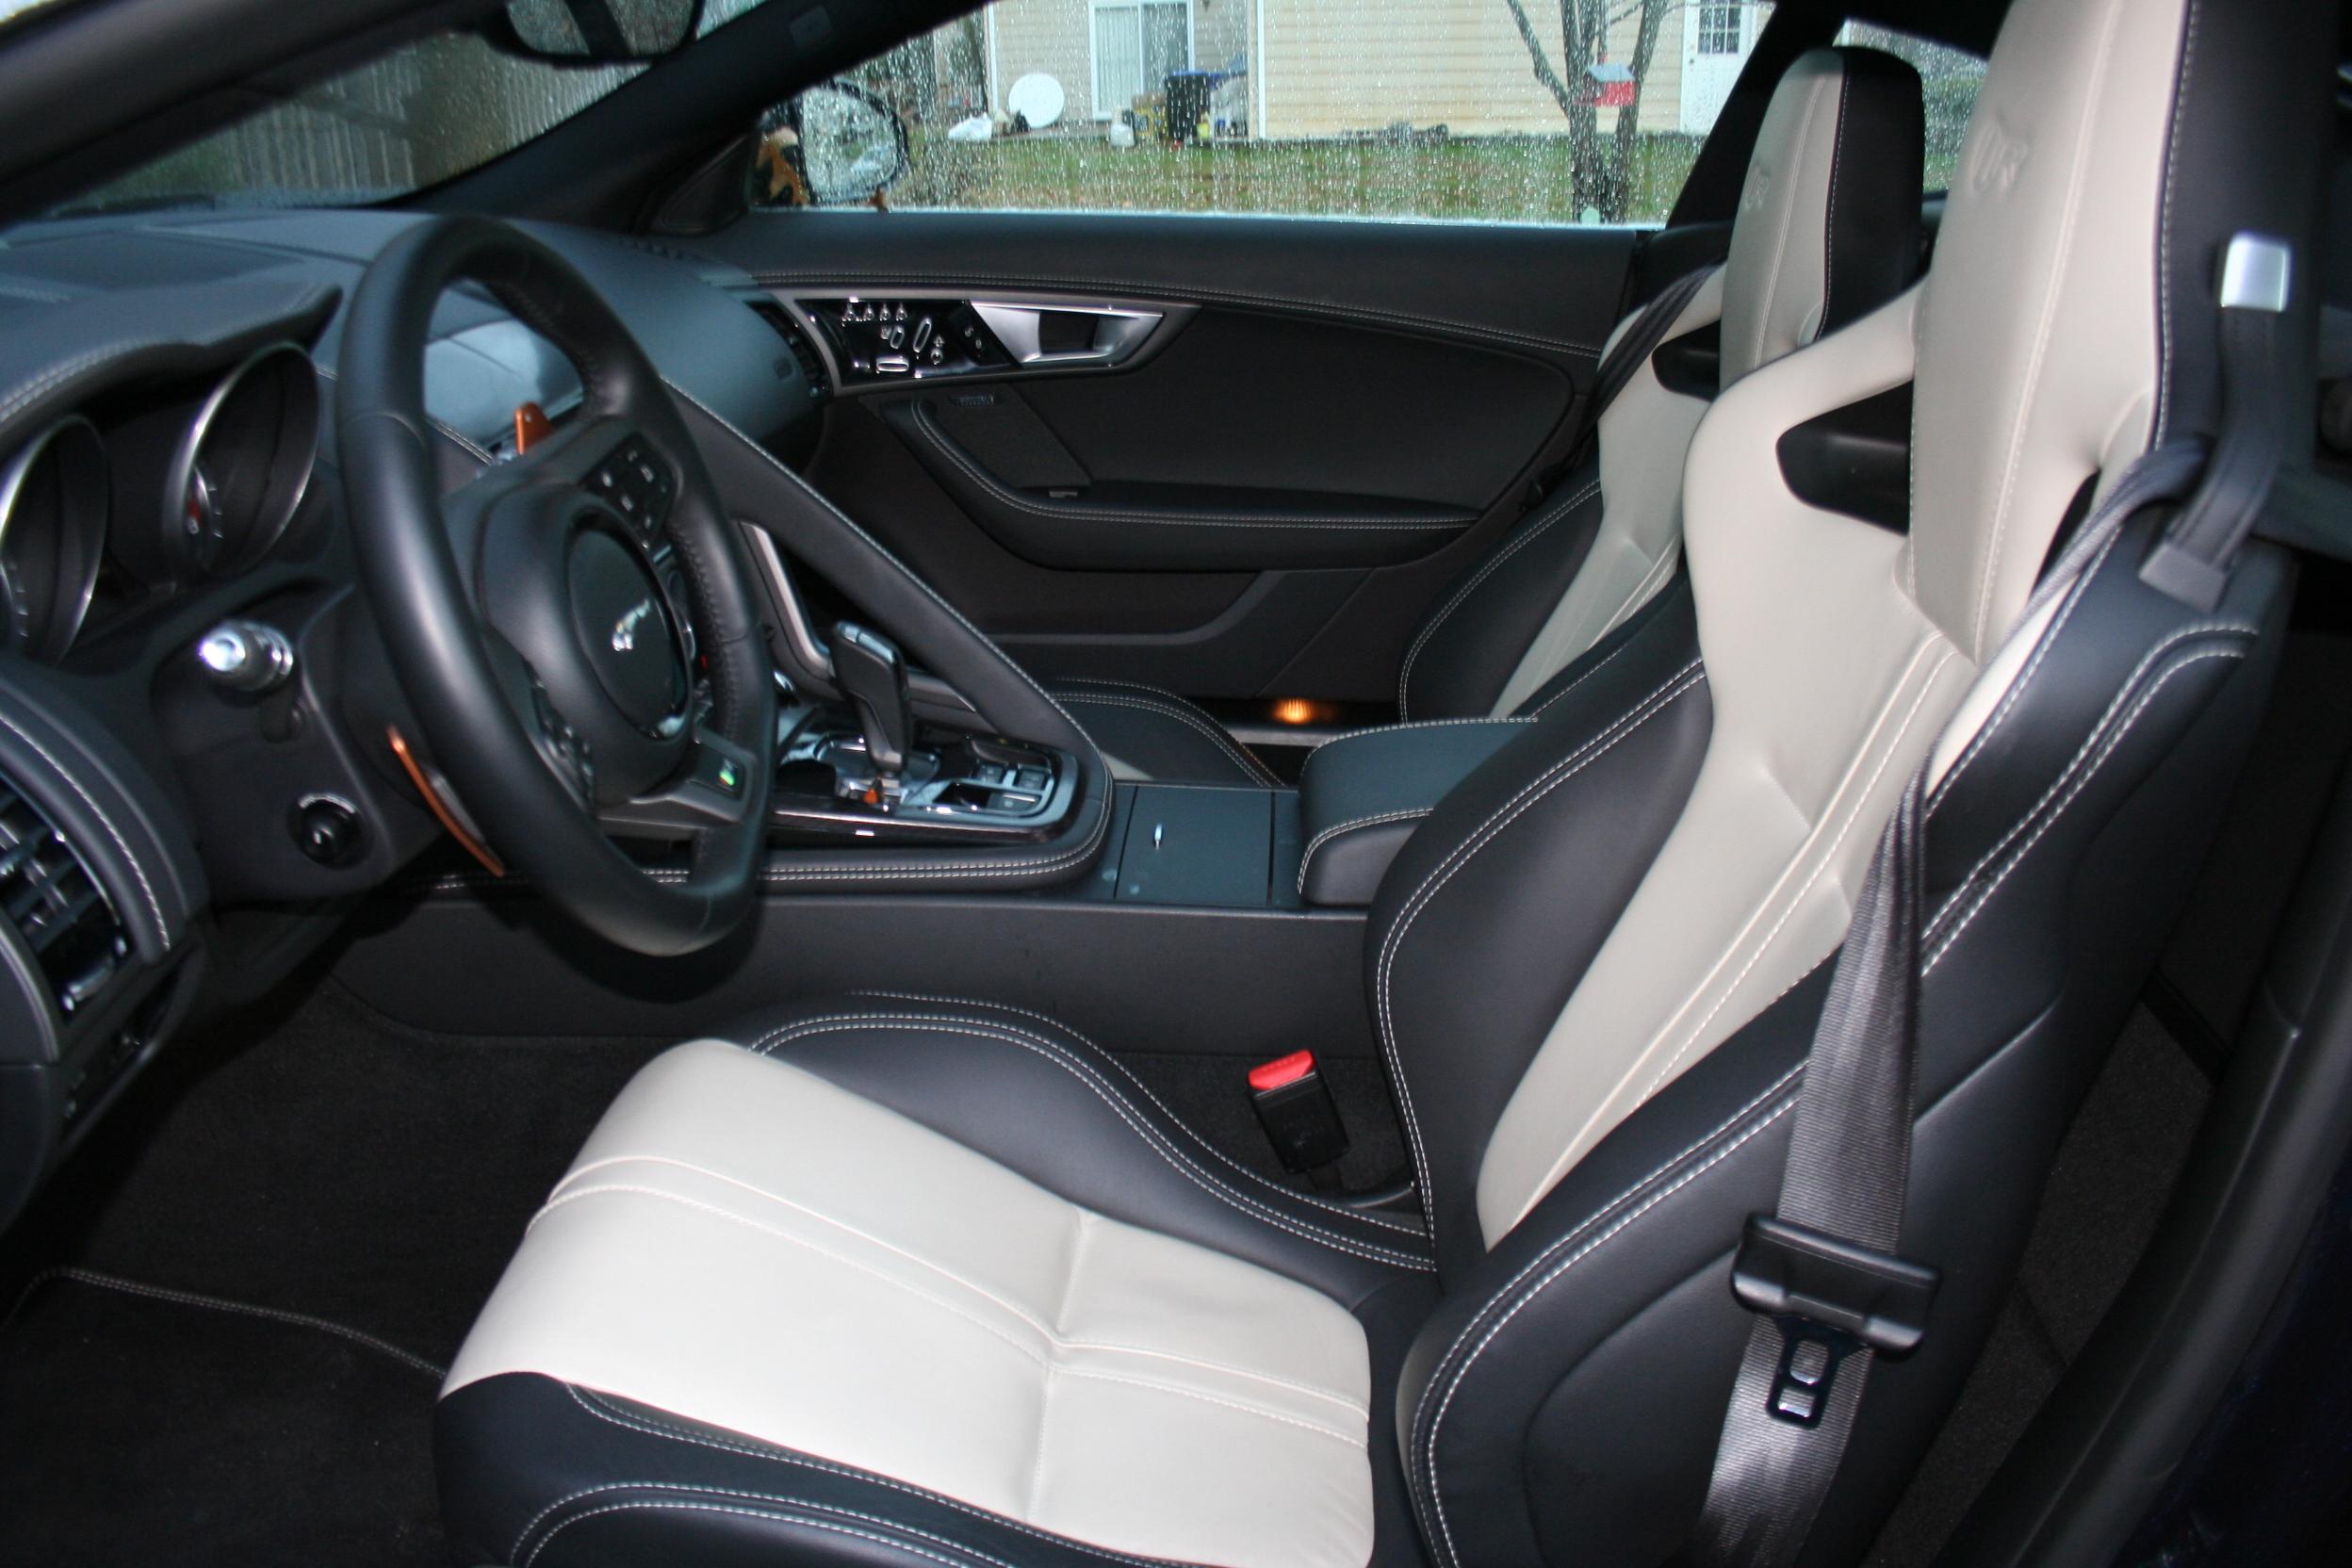 The 2015 Jaguar F-Type R Coupe